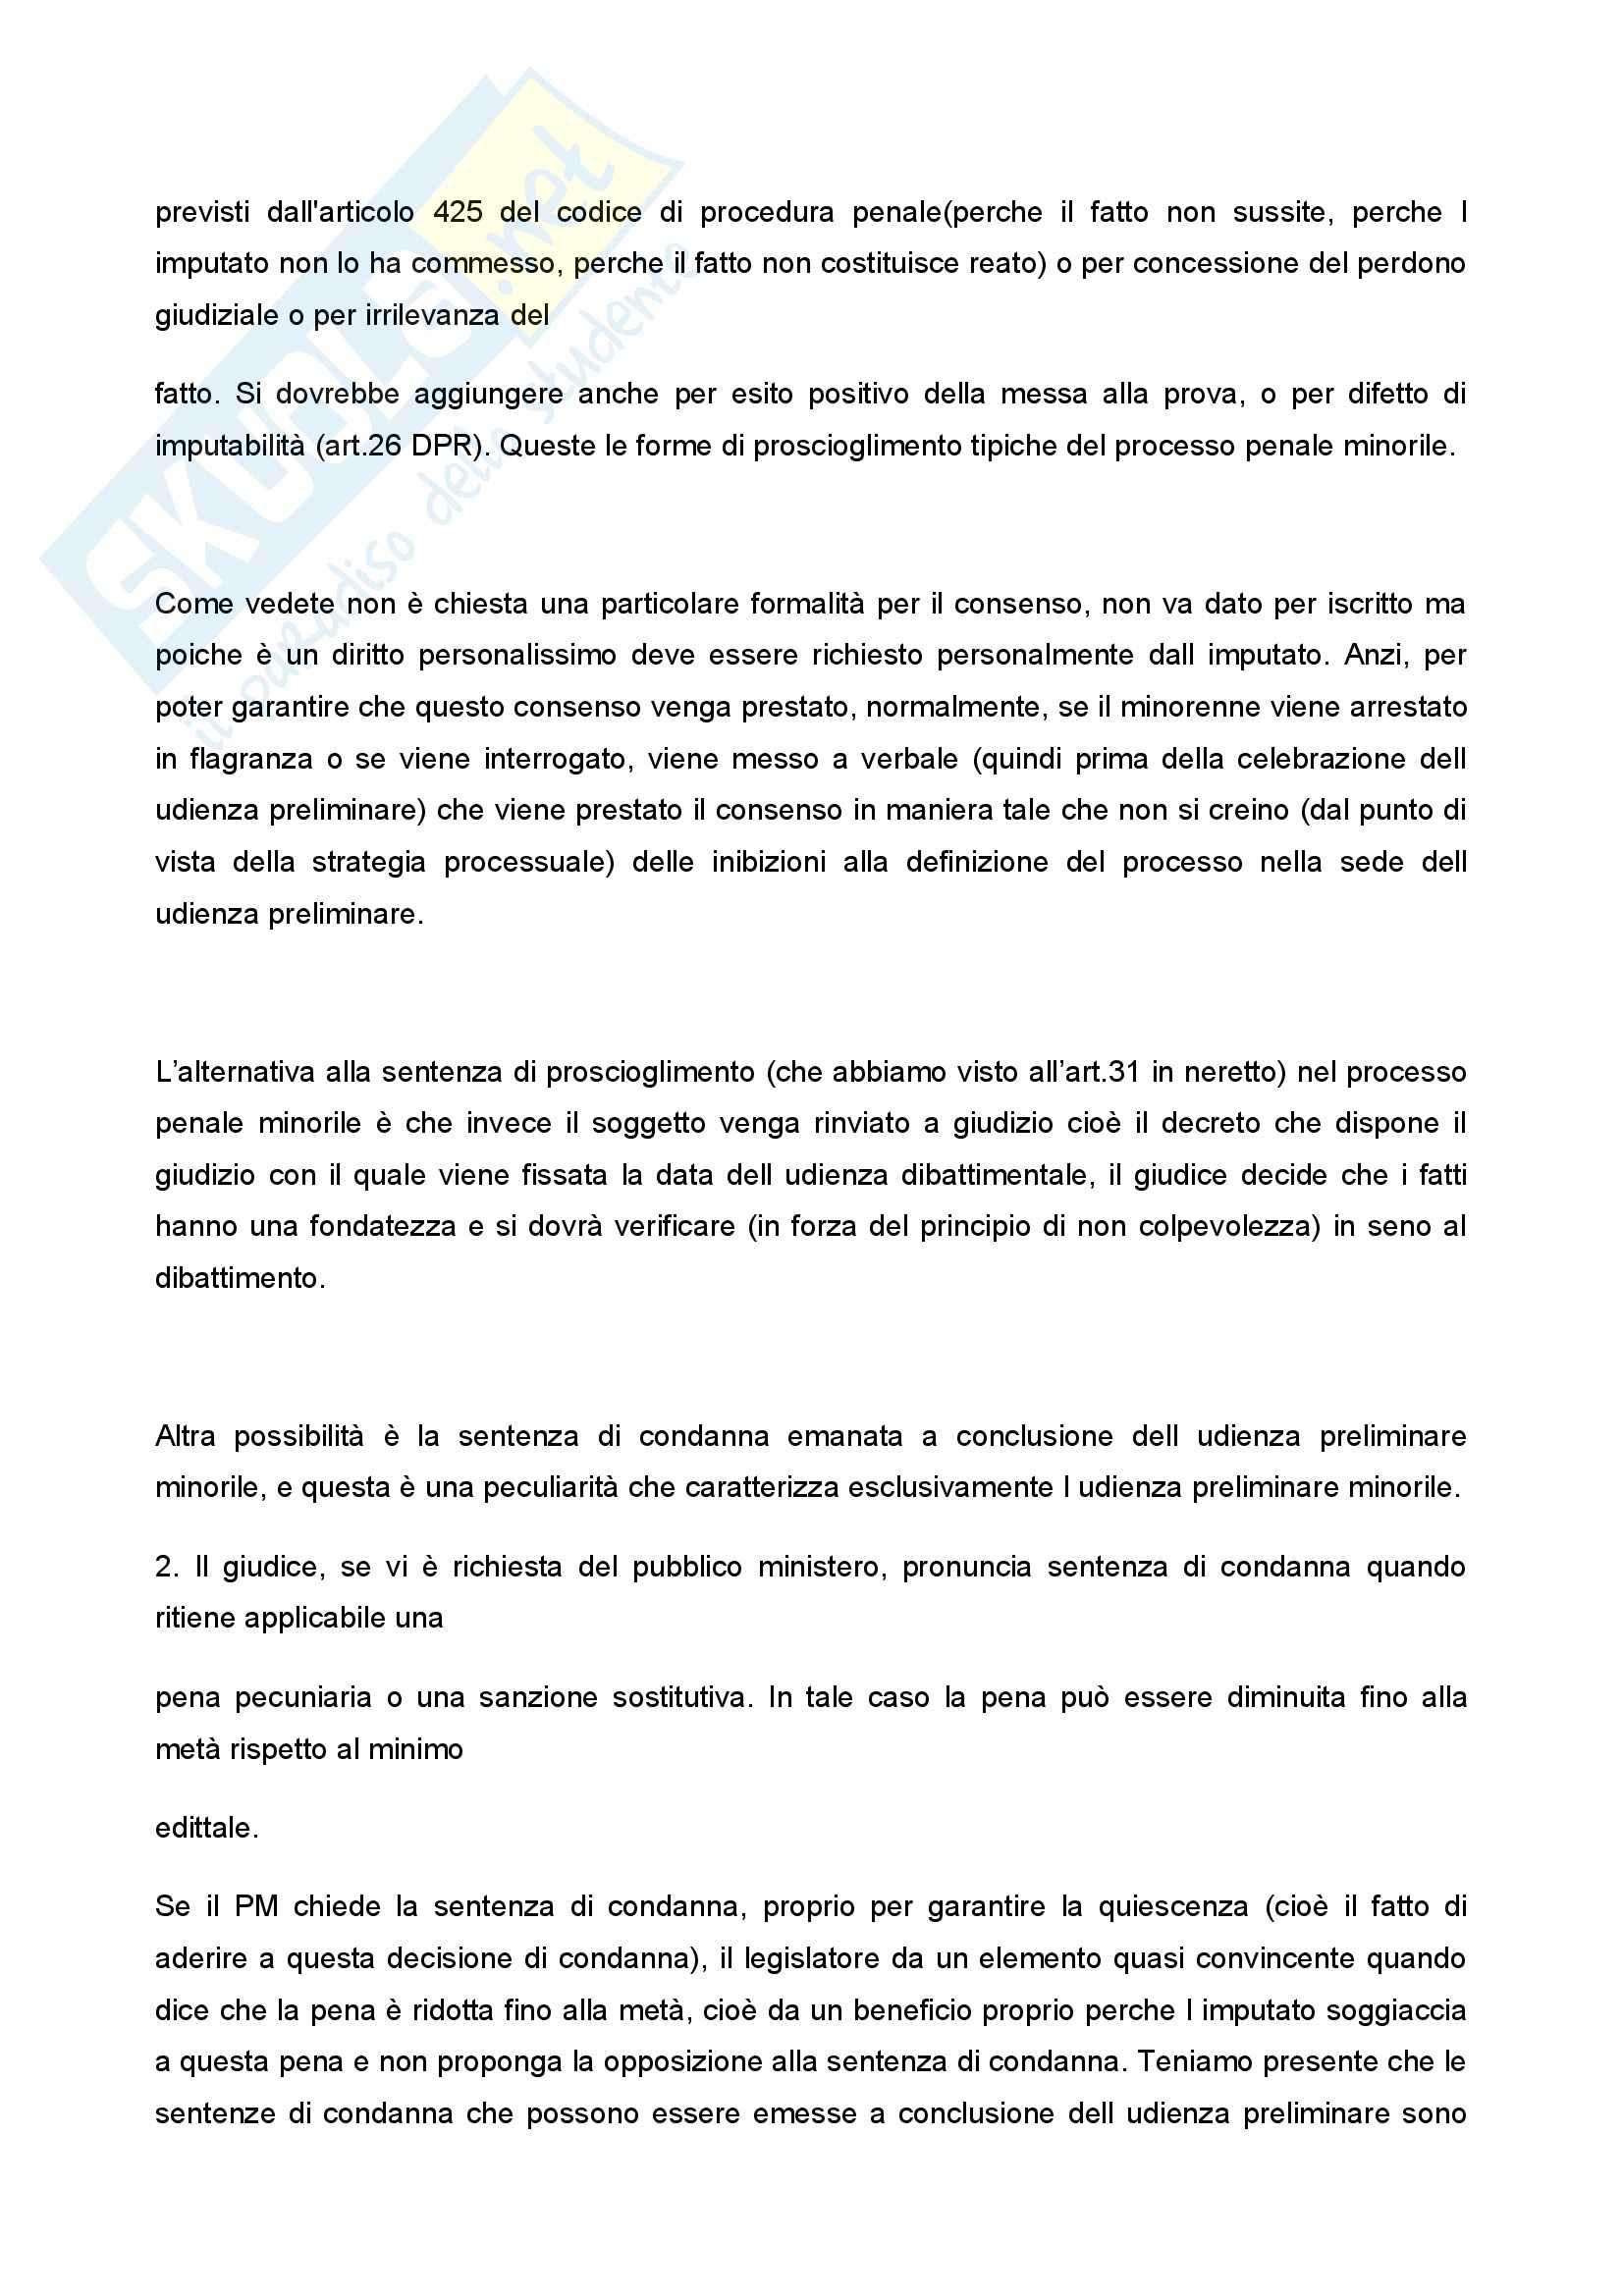 Diritto penale minorile - Corso completo Pag. 101